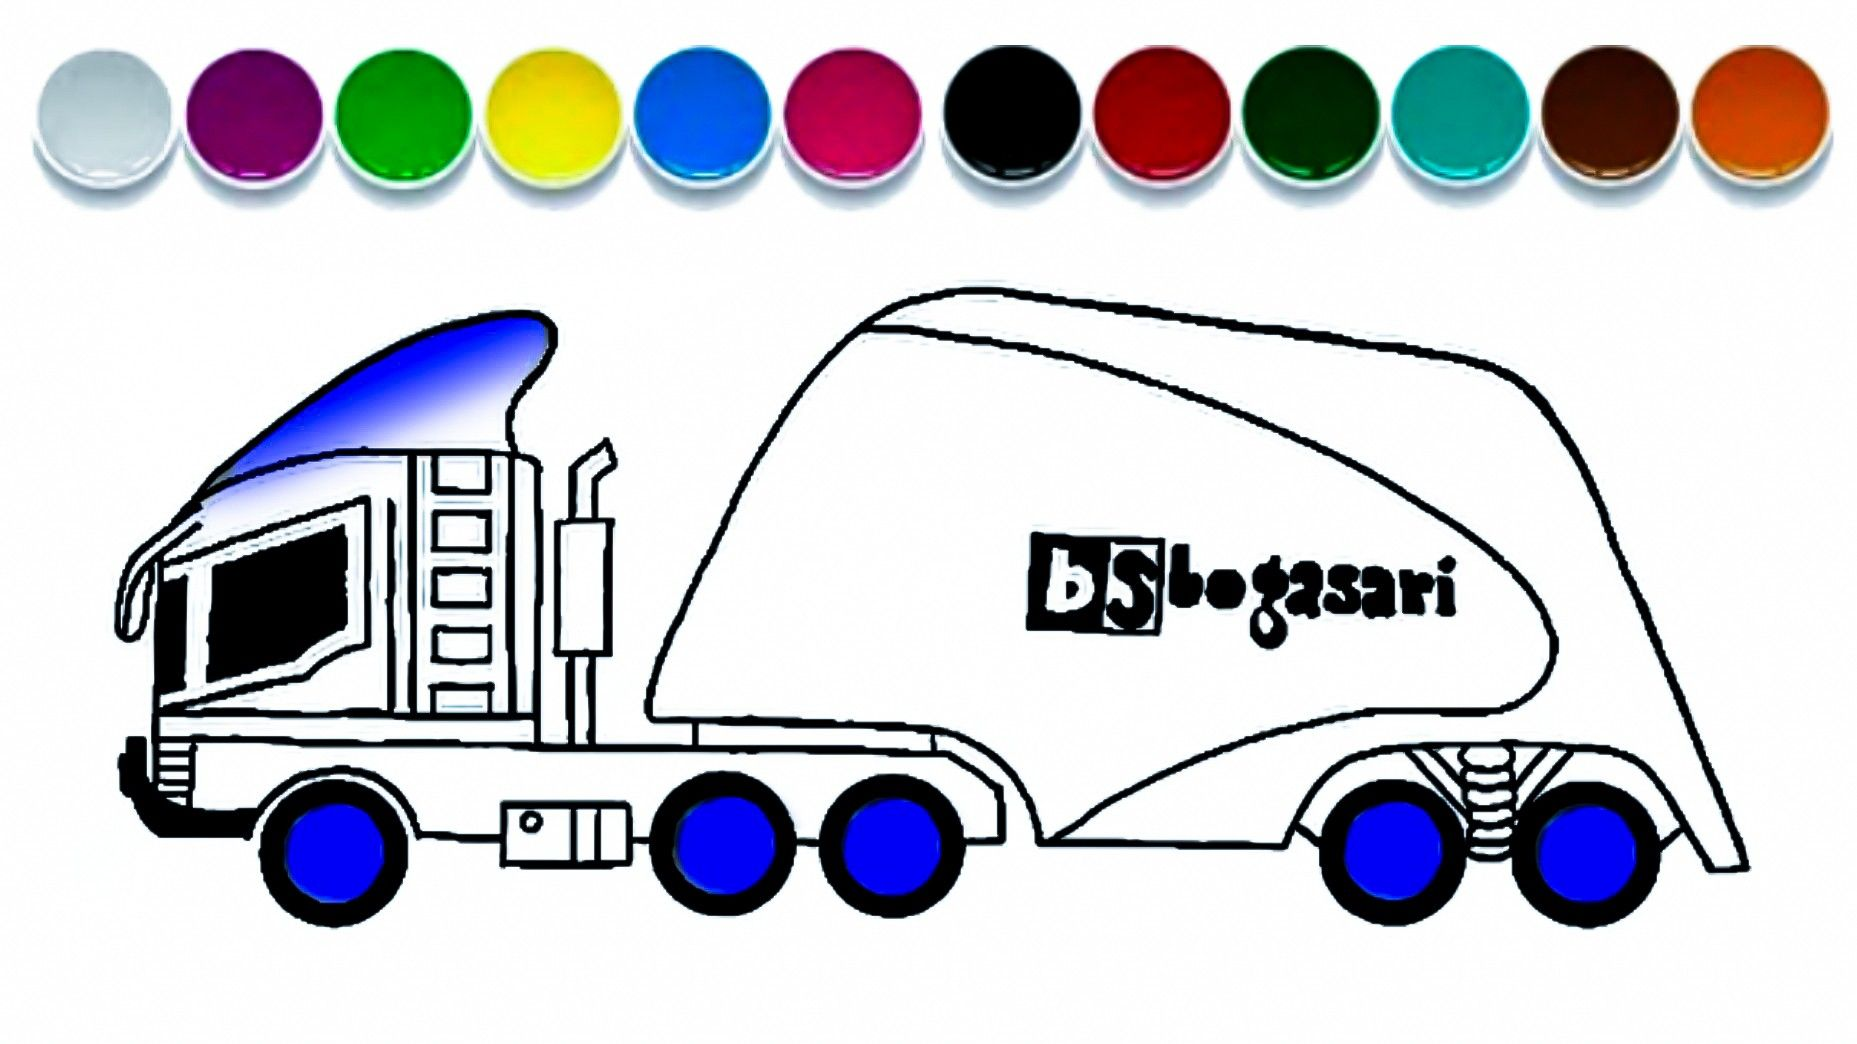 Menggambar Mobil Truk Tangki Tepung Bogasari Cara Menggambar Truk Mobil